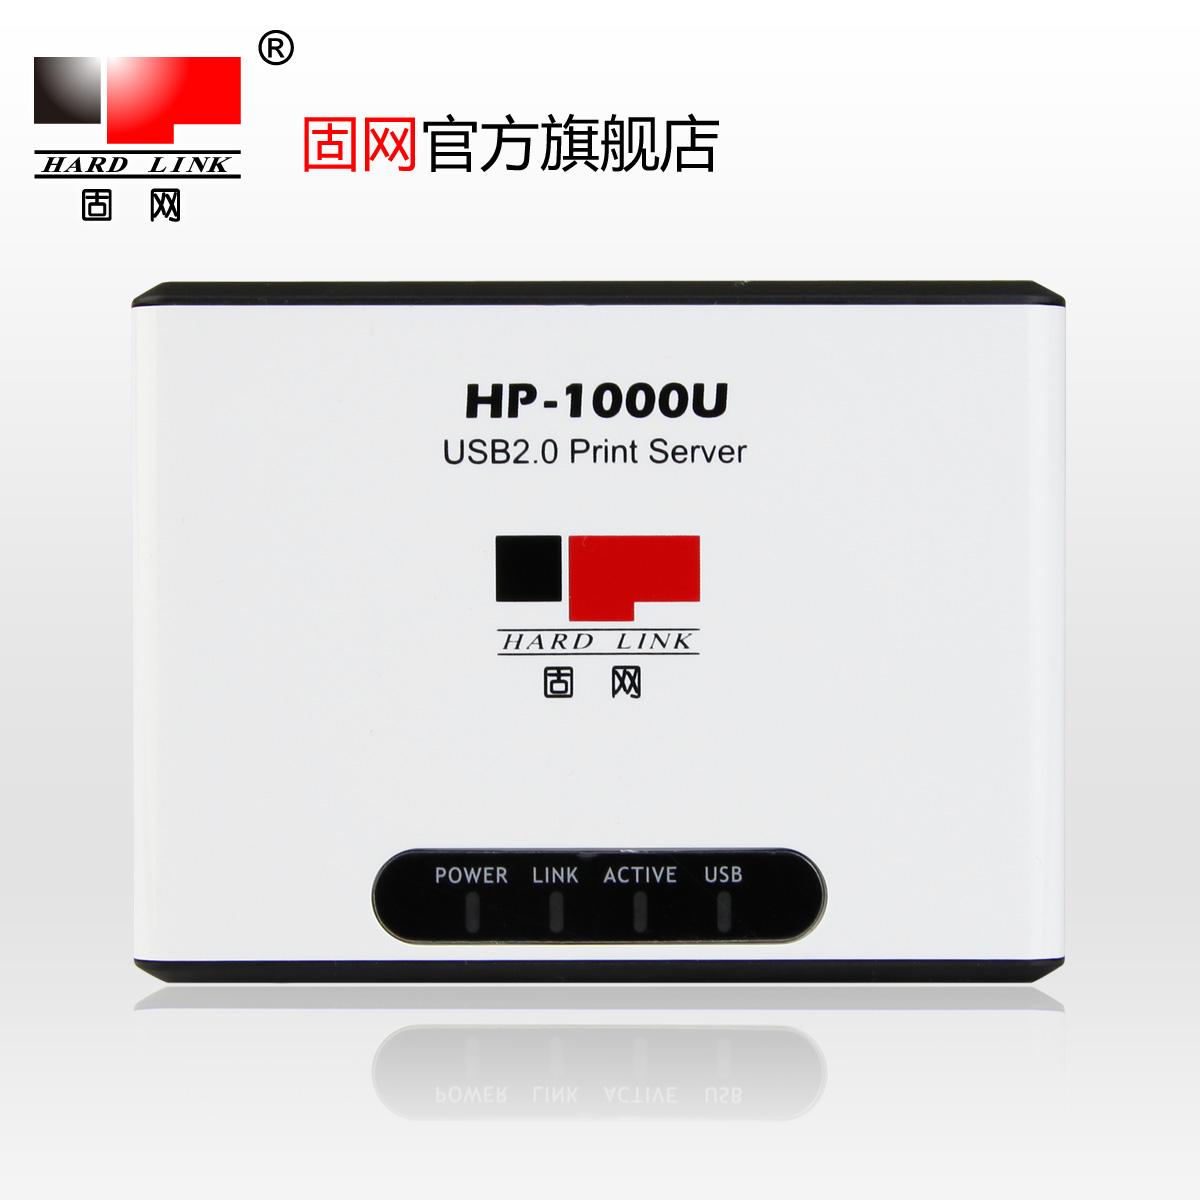 Твердая сеть HP-1000U один Делить сервера печати сети u официальный оригинал